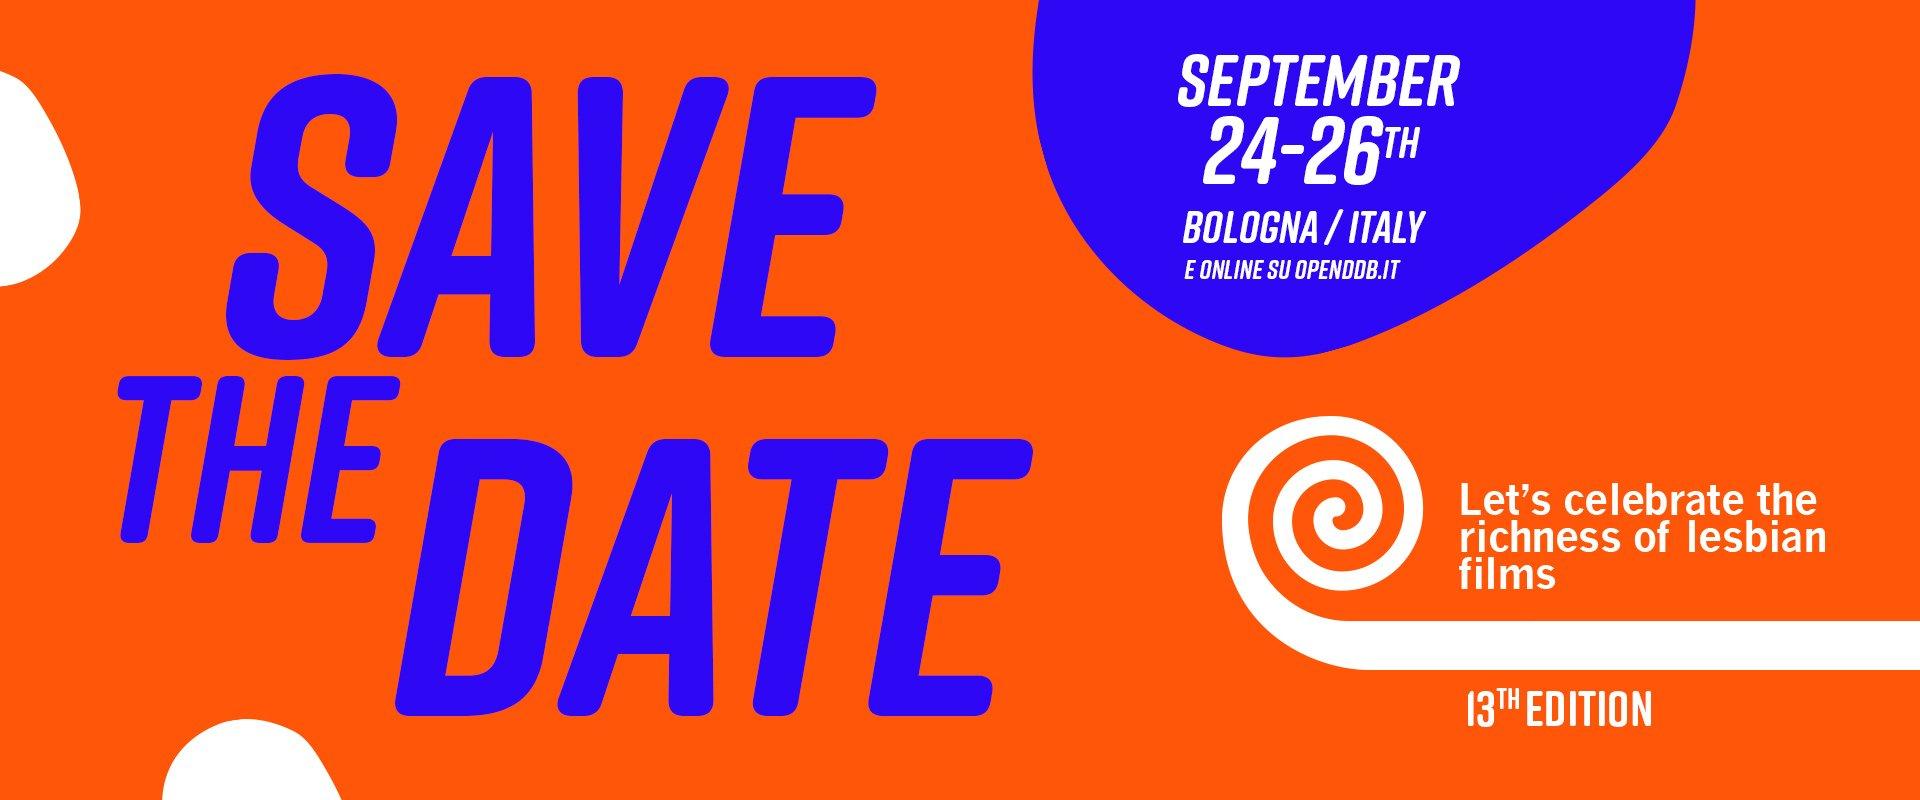 Some Prefer Cake Festival September 24-26th